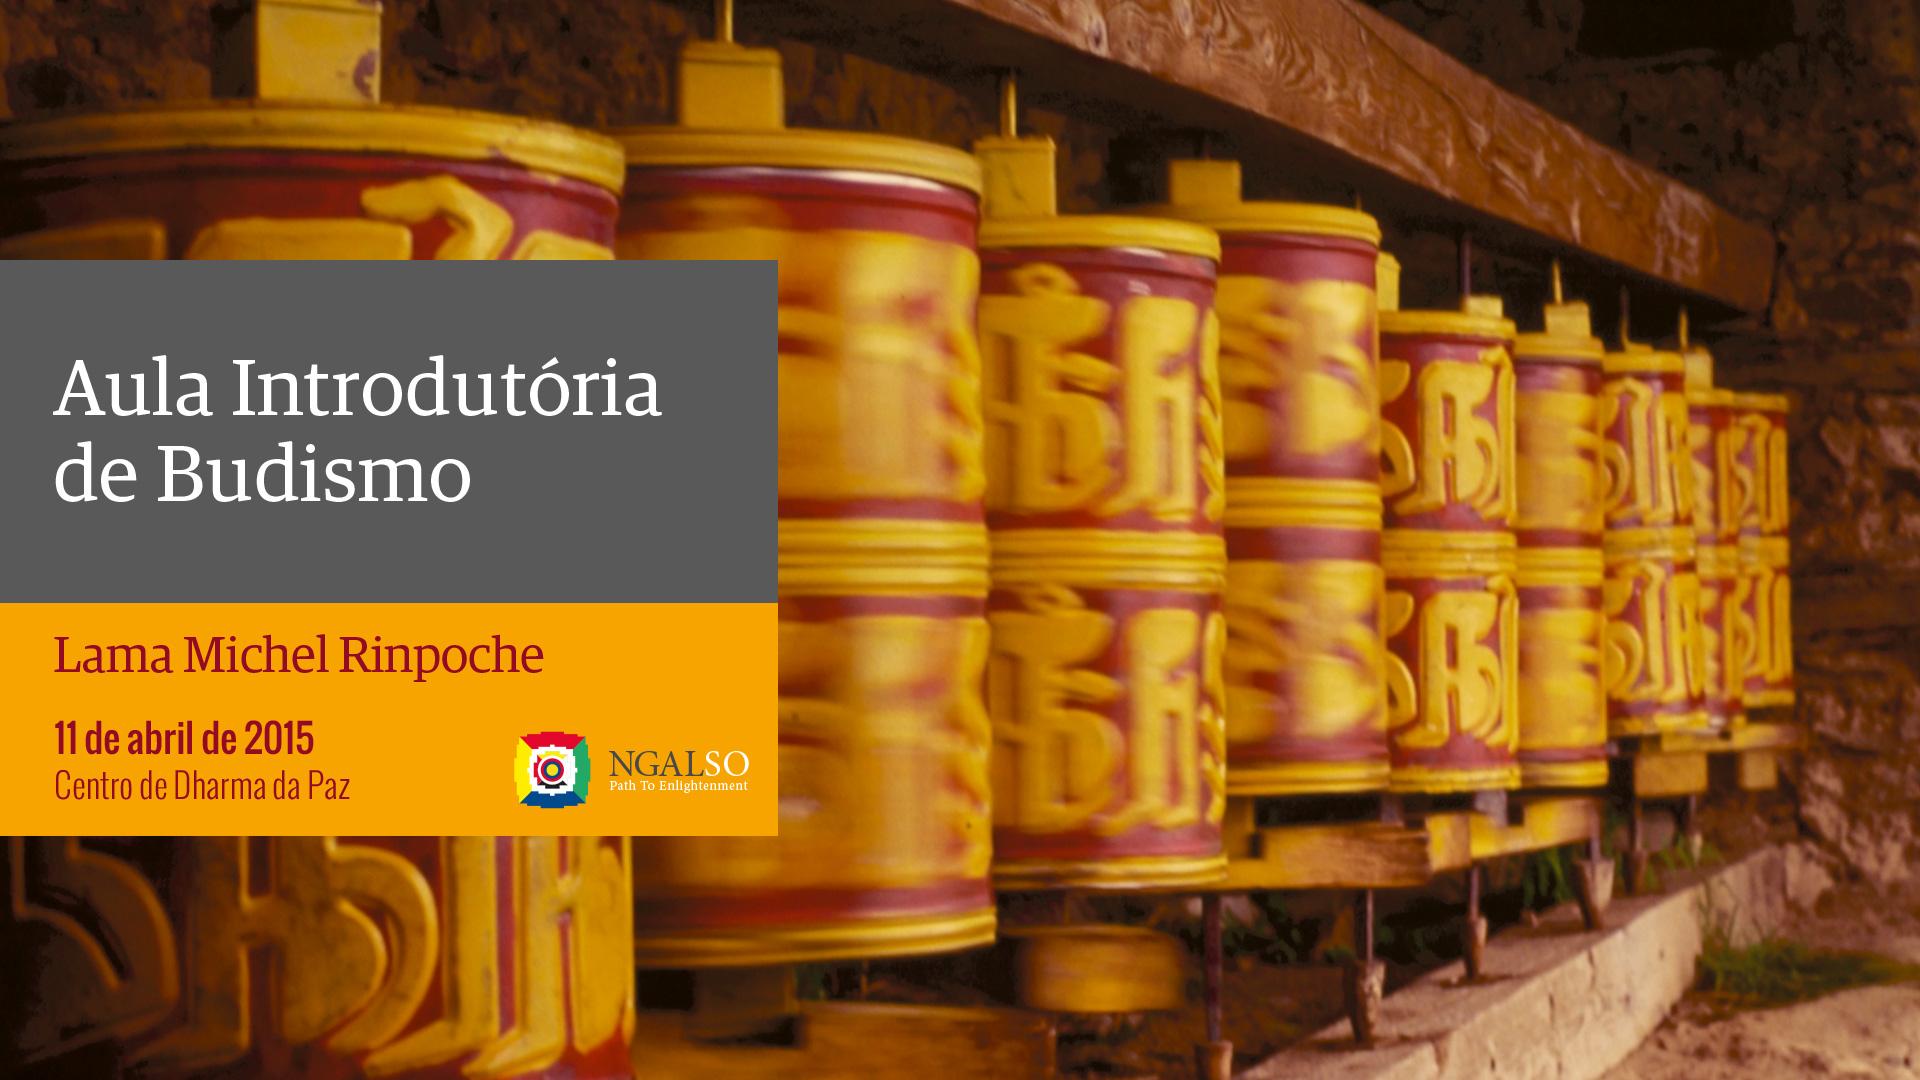 Aula Introdutória de Budismo